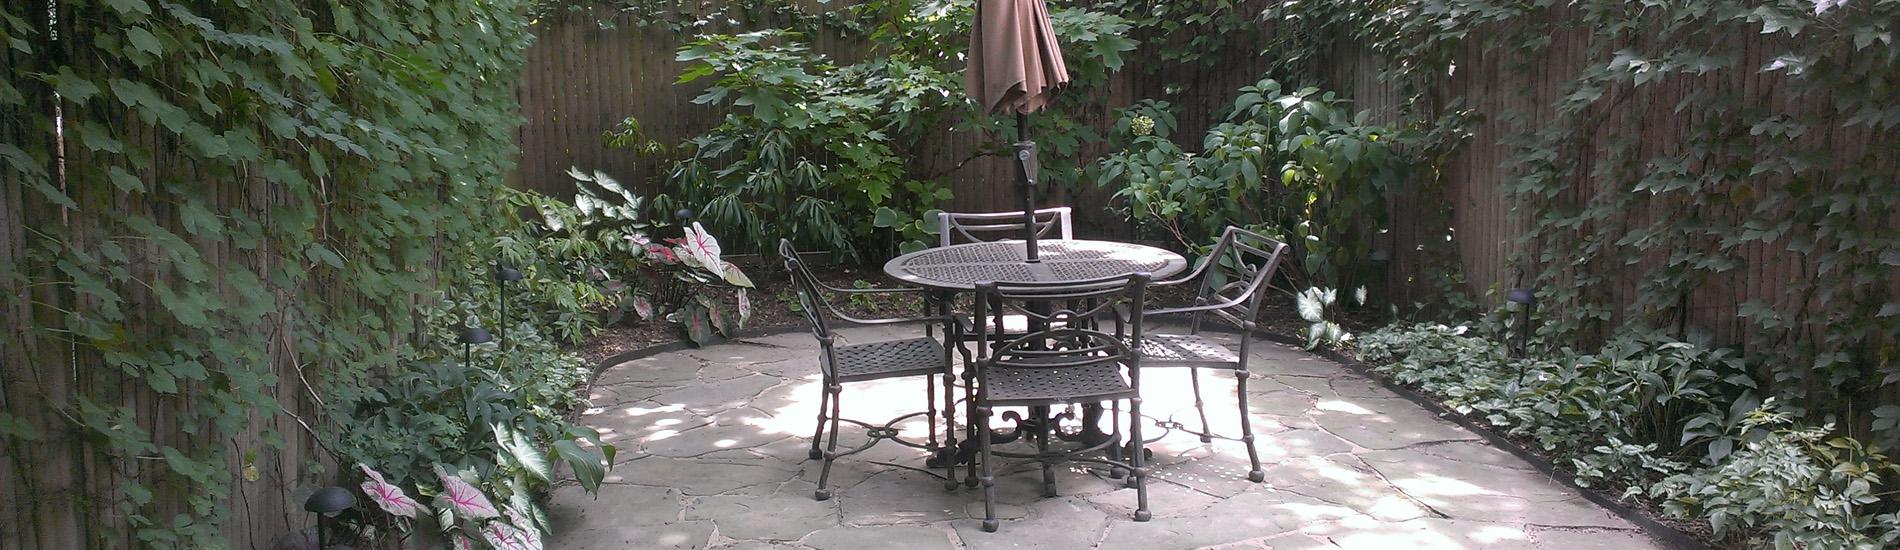 Irregular bluestone patio in Brooklyn